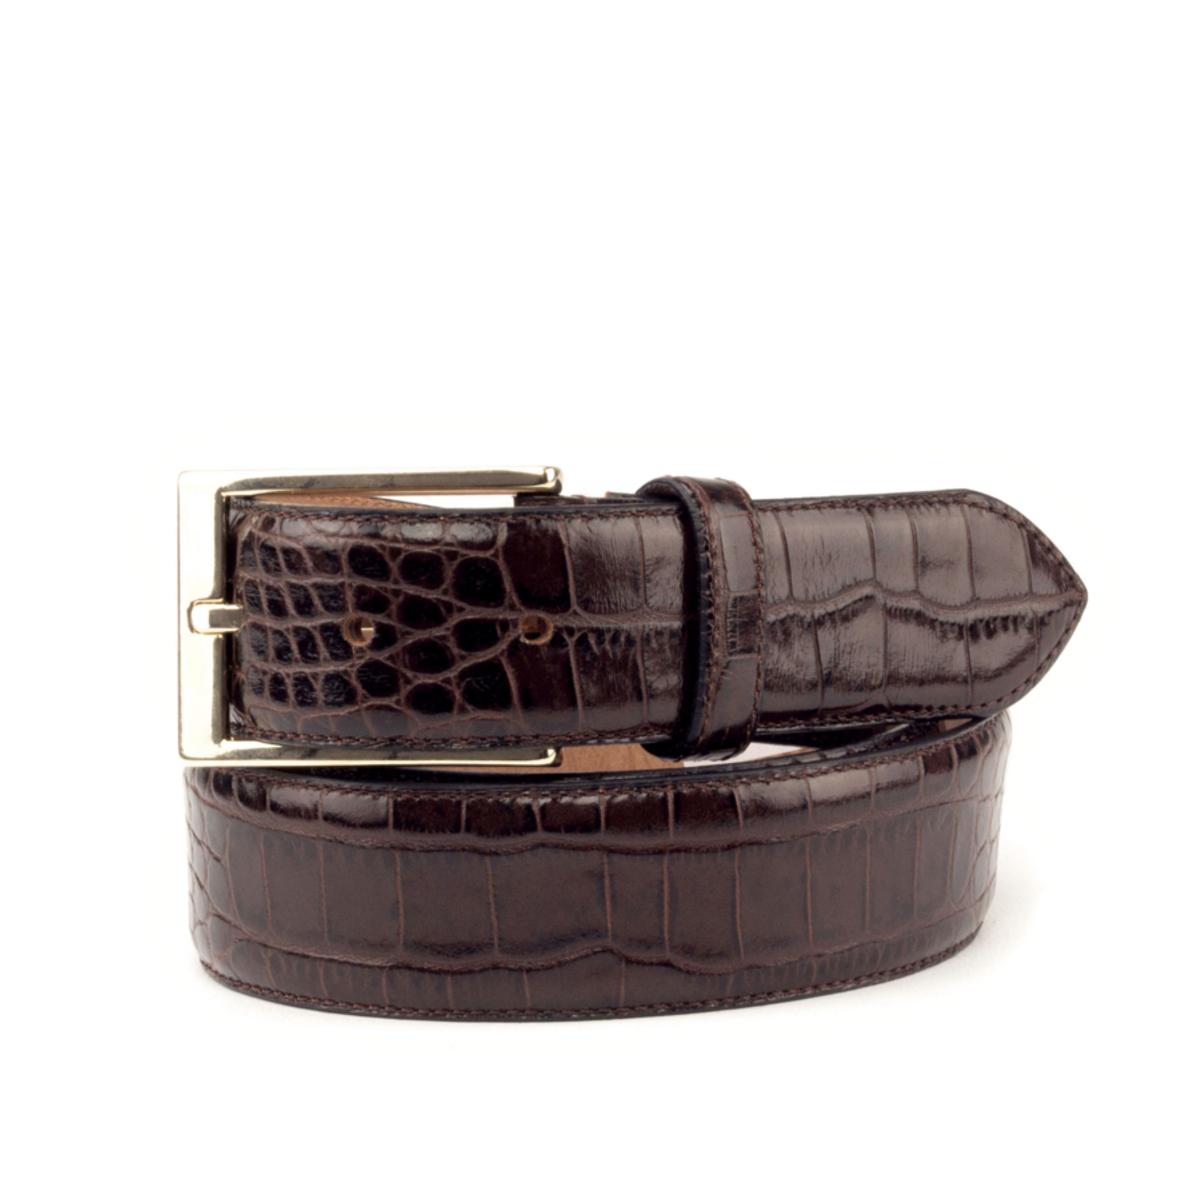 cinturon-para-hombre-boxcalf-marron-croco-COELLO-2